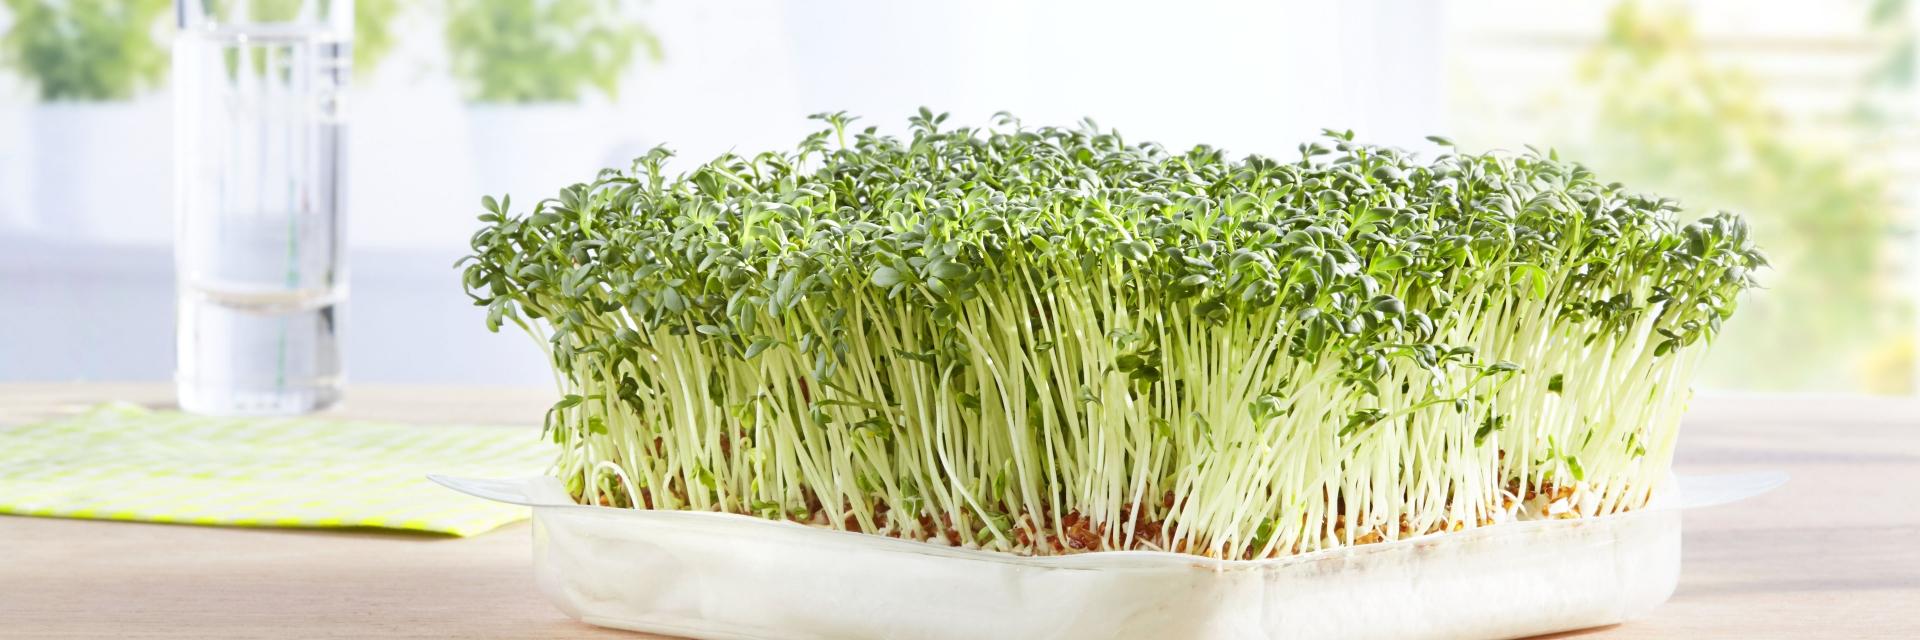 Grünländer Grüne Tipps